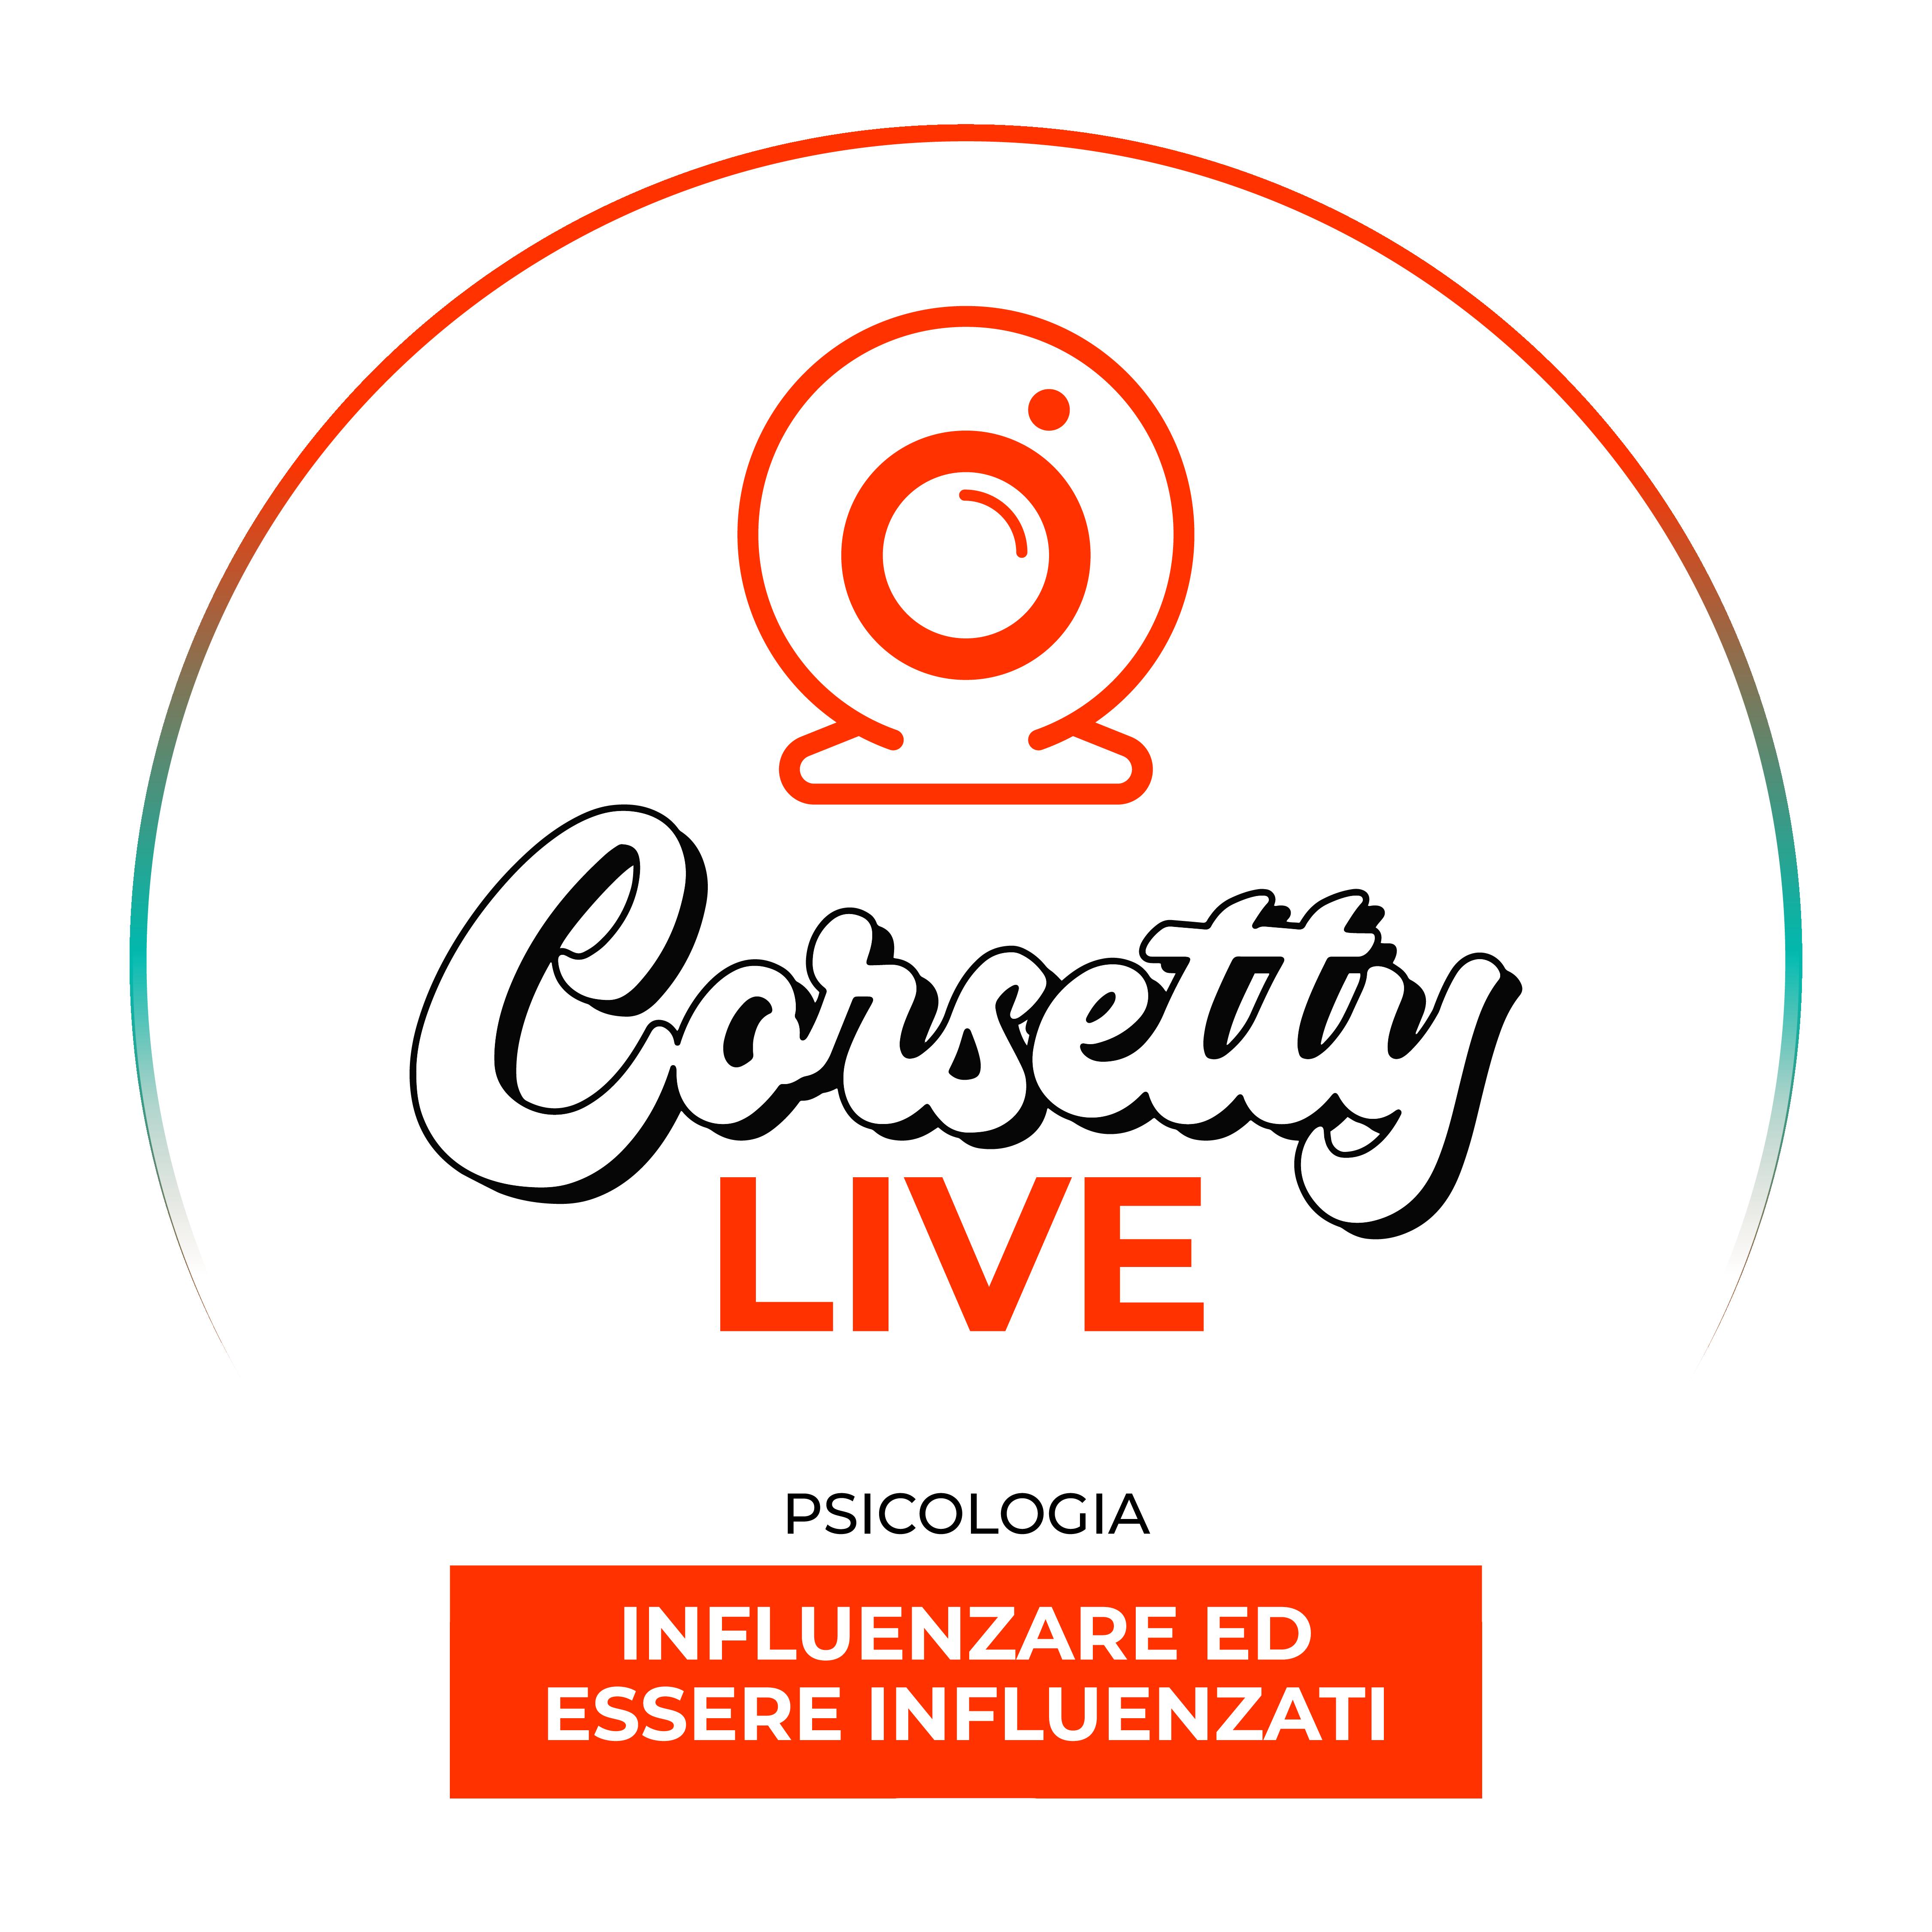 Corsetty – live: INFLUENZARE ED ESSERE INFLUENZATI